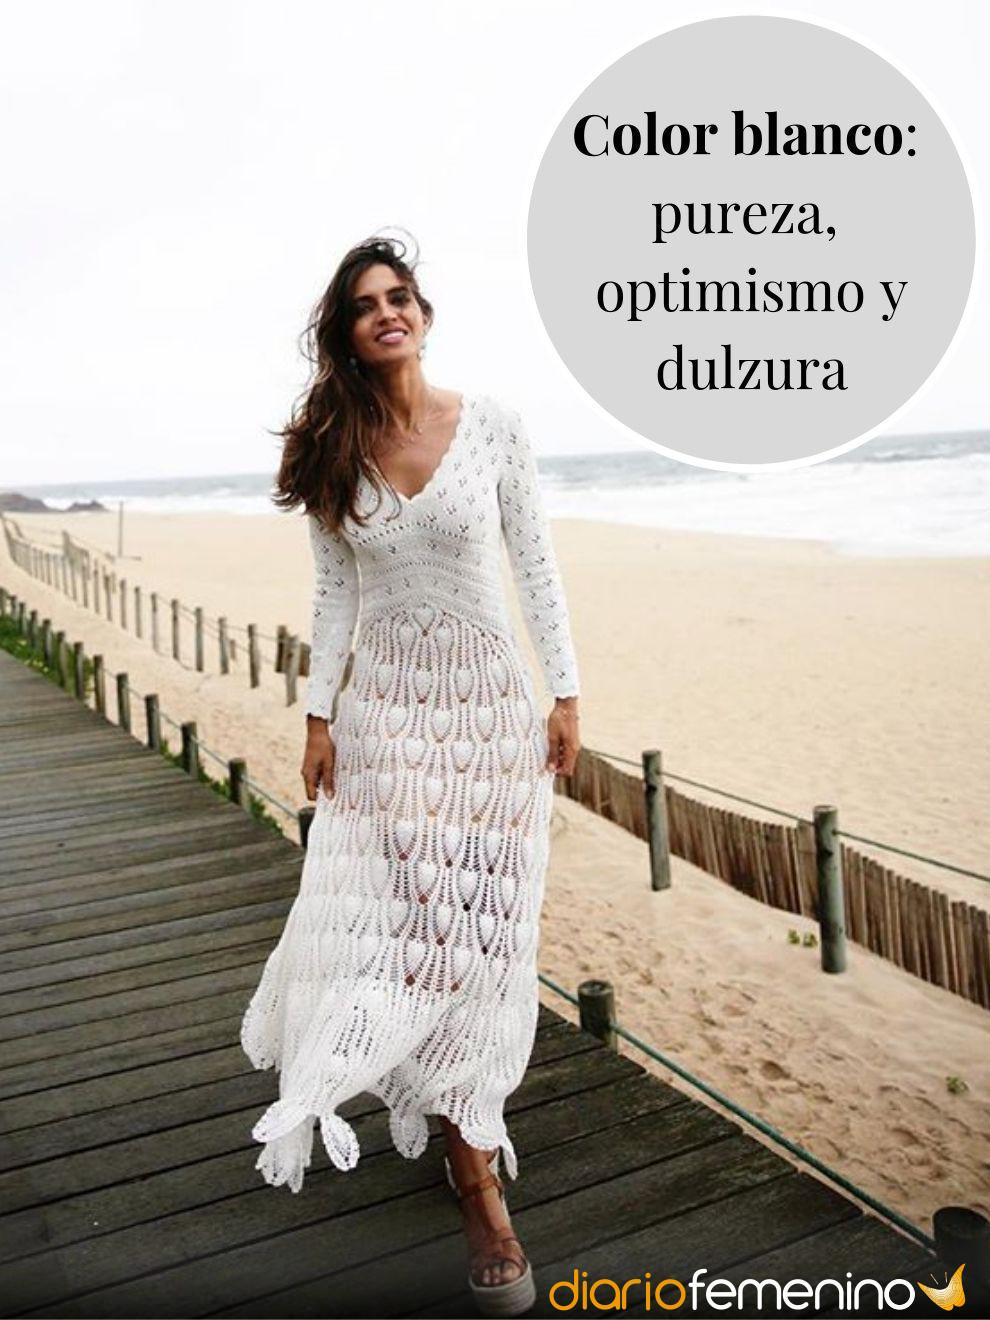 La pureza y el optimismo en el significado del color blanco en la ropa